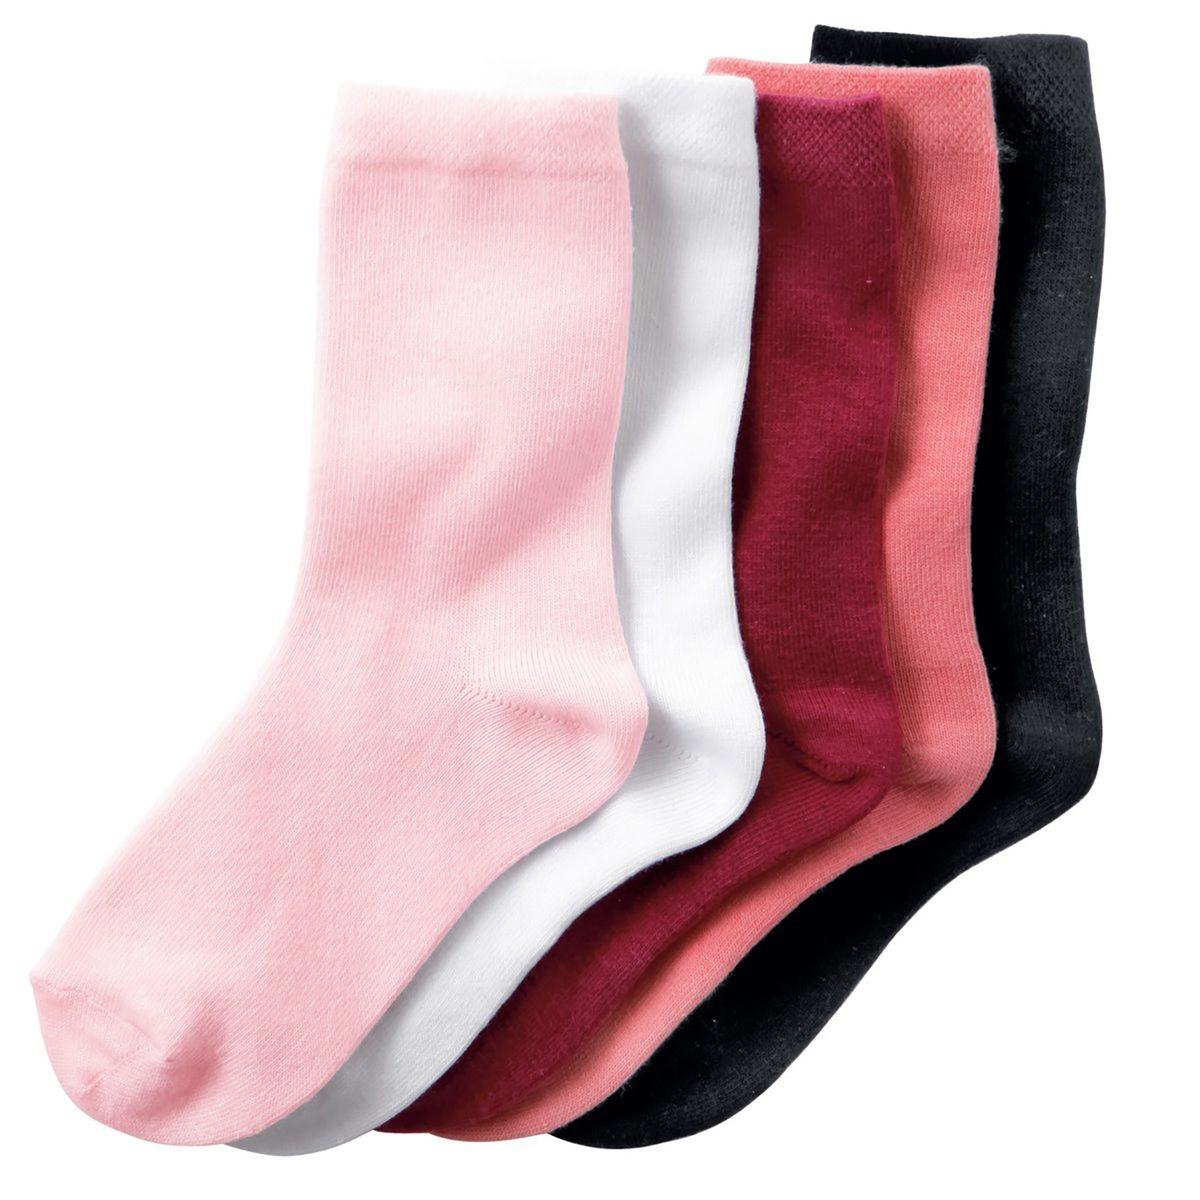 5 пар низких носковОписание:Низкие носки однотонные. В комплекте 5 пар носков.Состав и описание : Материал       78% хлопка, 20% полиамида, 2% эластанаМарка       R ?ditionХарактеристикиУход :Машинная стирка при 30°C с вещами подобных цветов.Стирать, предварительно вывернув наизнанку.Машинная сушка запрещена.Не гладить.<br><br>Цвет: белый + розовый + черный<br>Размер: 31/34.27/30.23/26